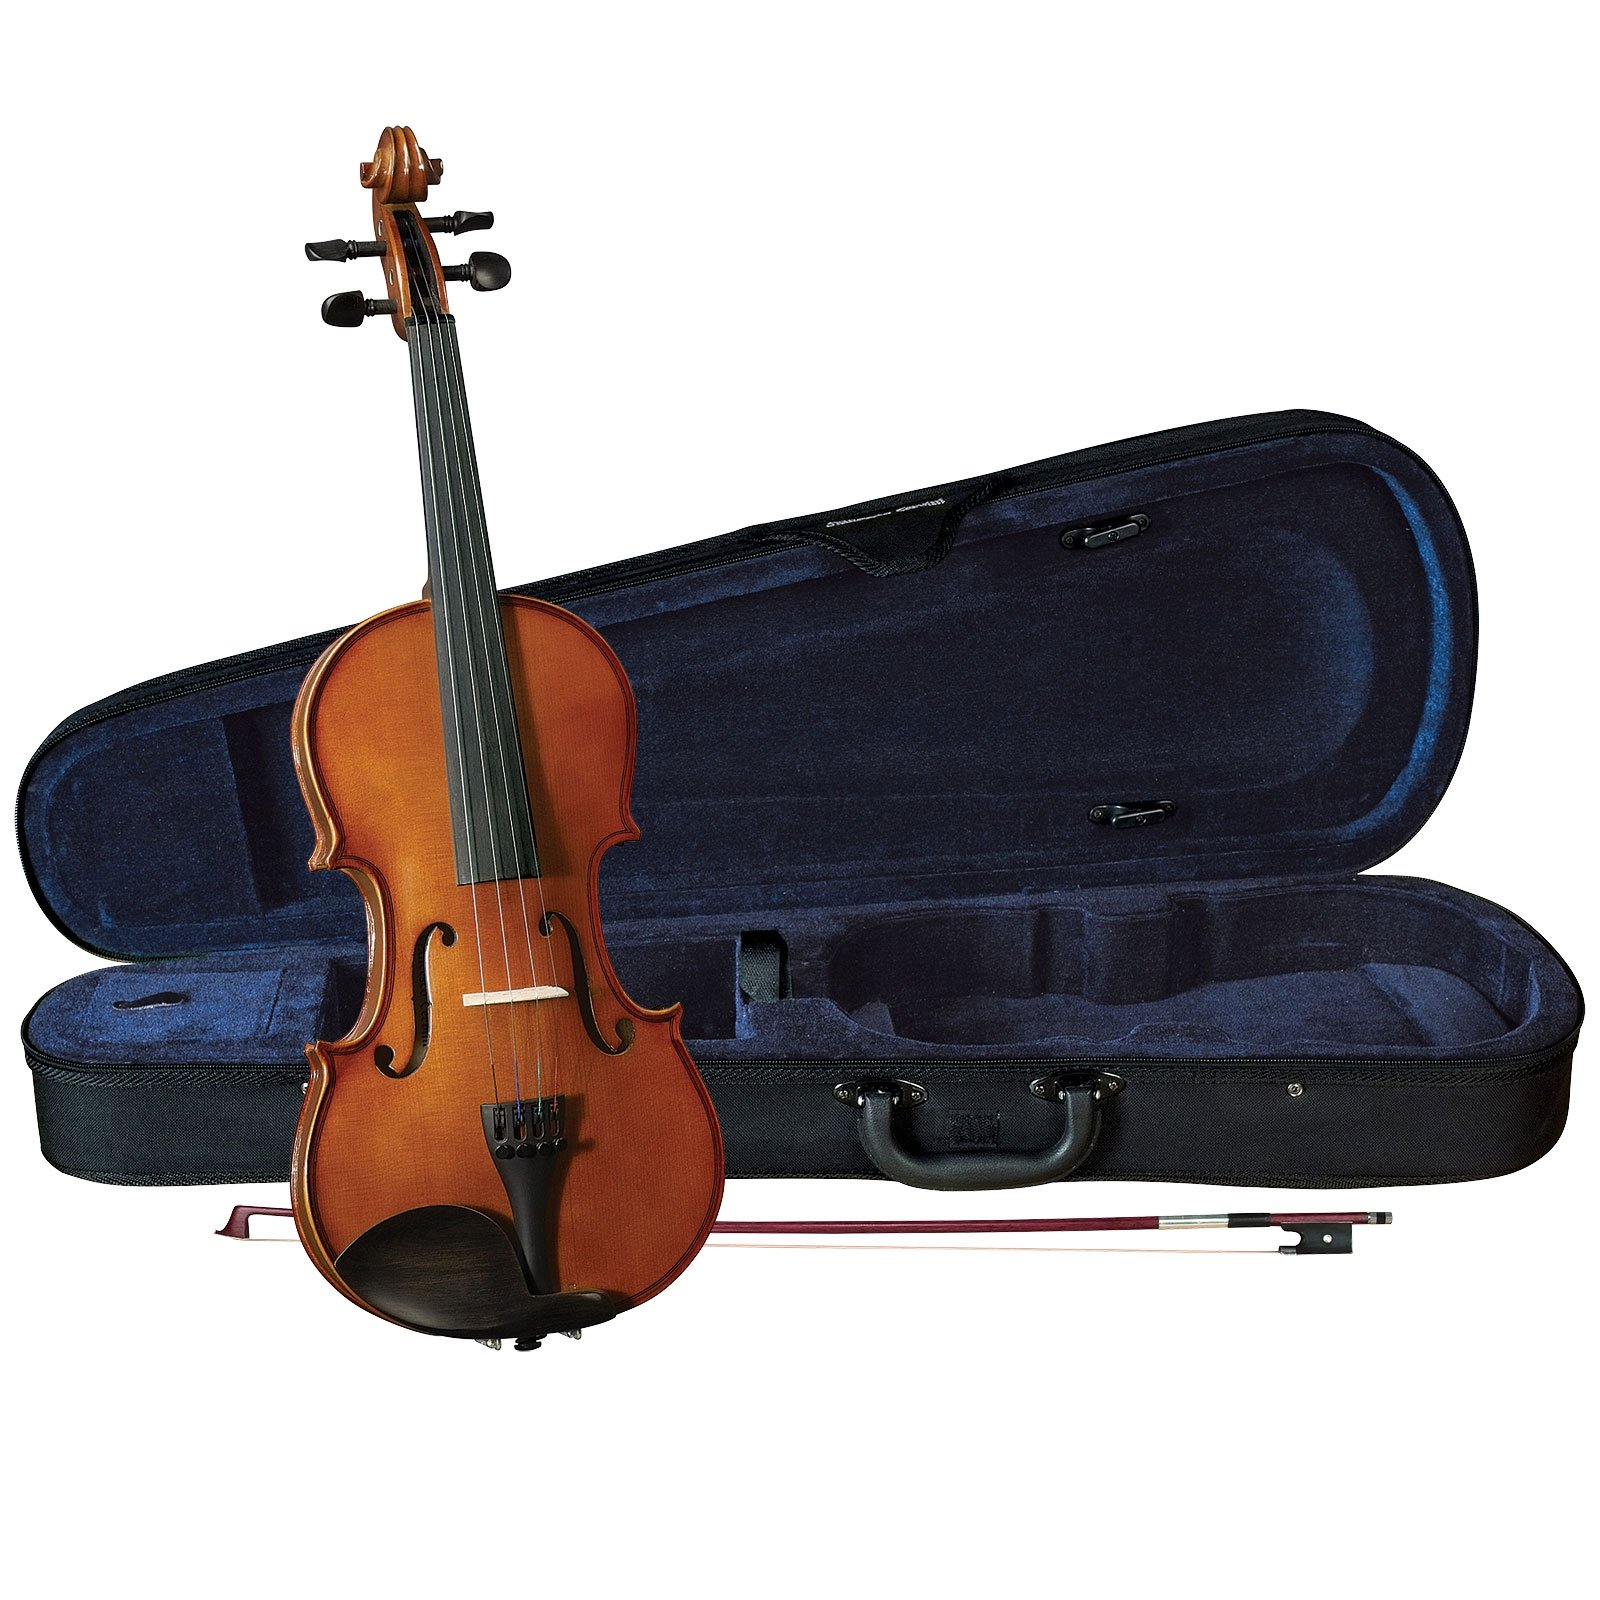 Cervini HV-300 Student Violin Outfit - 4/4 Size